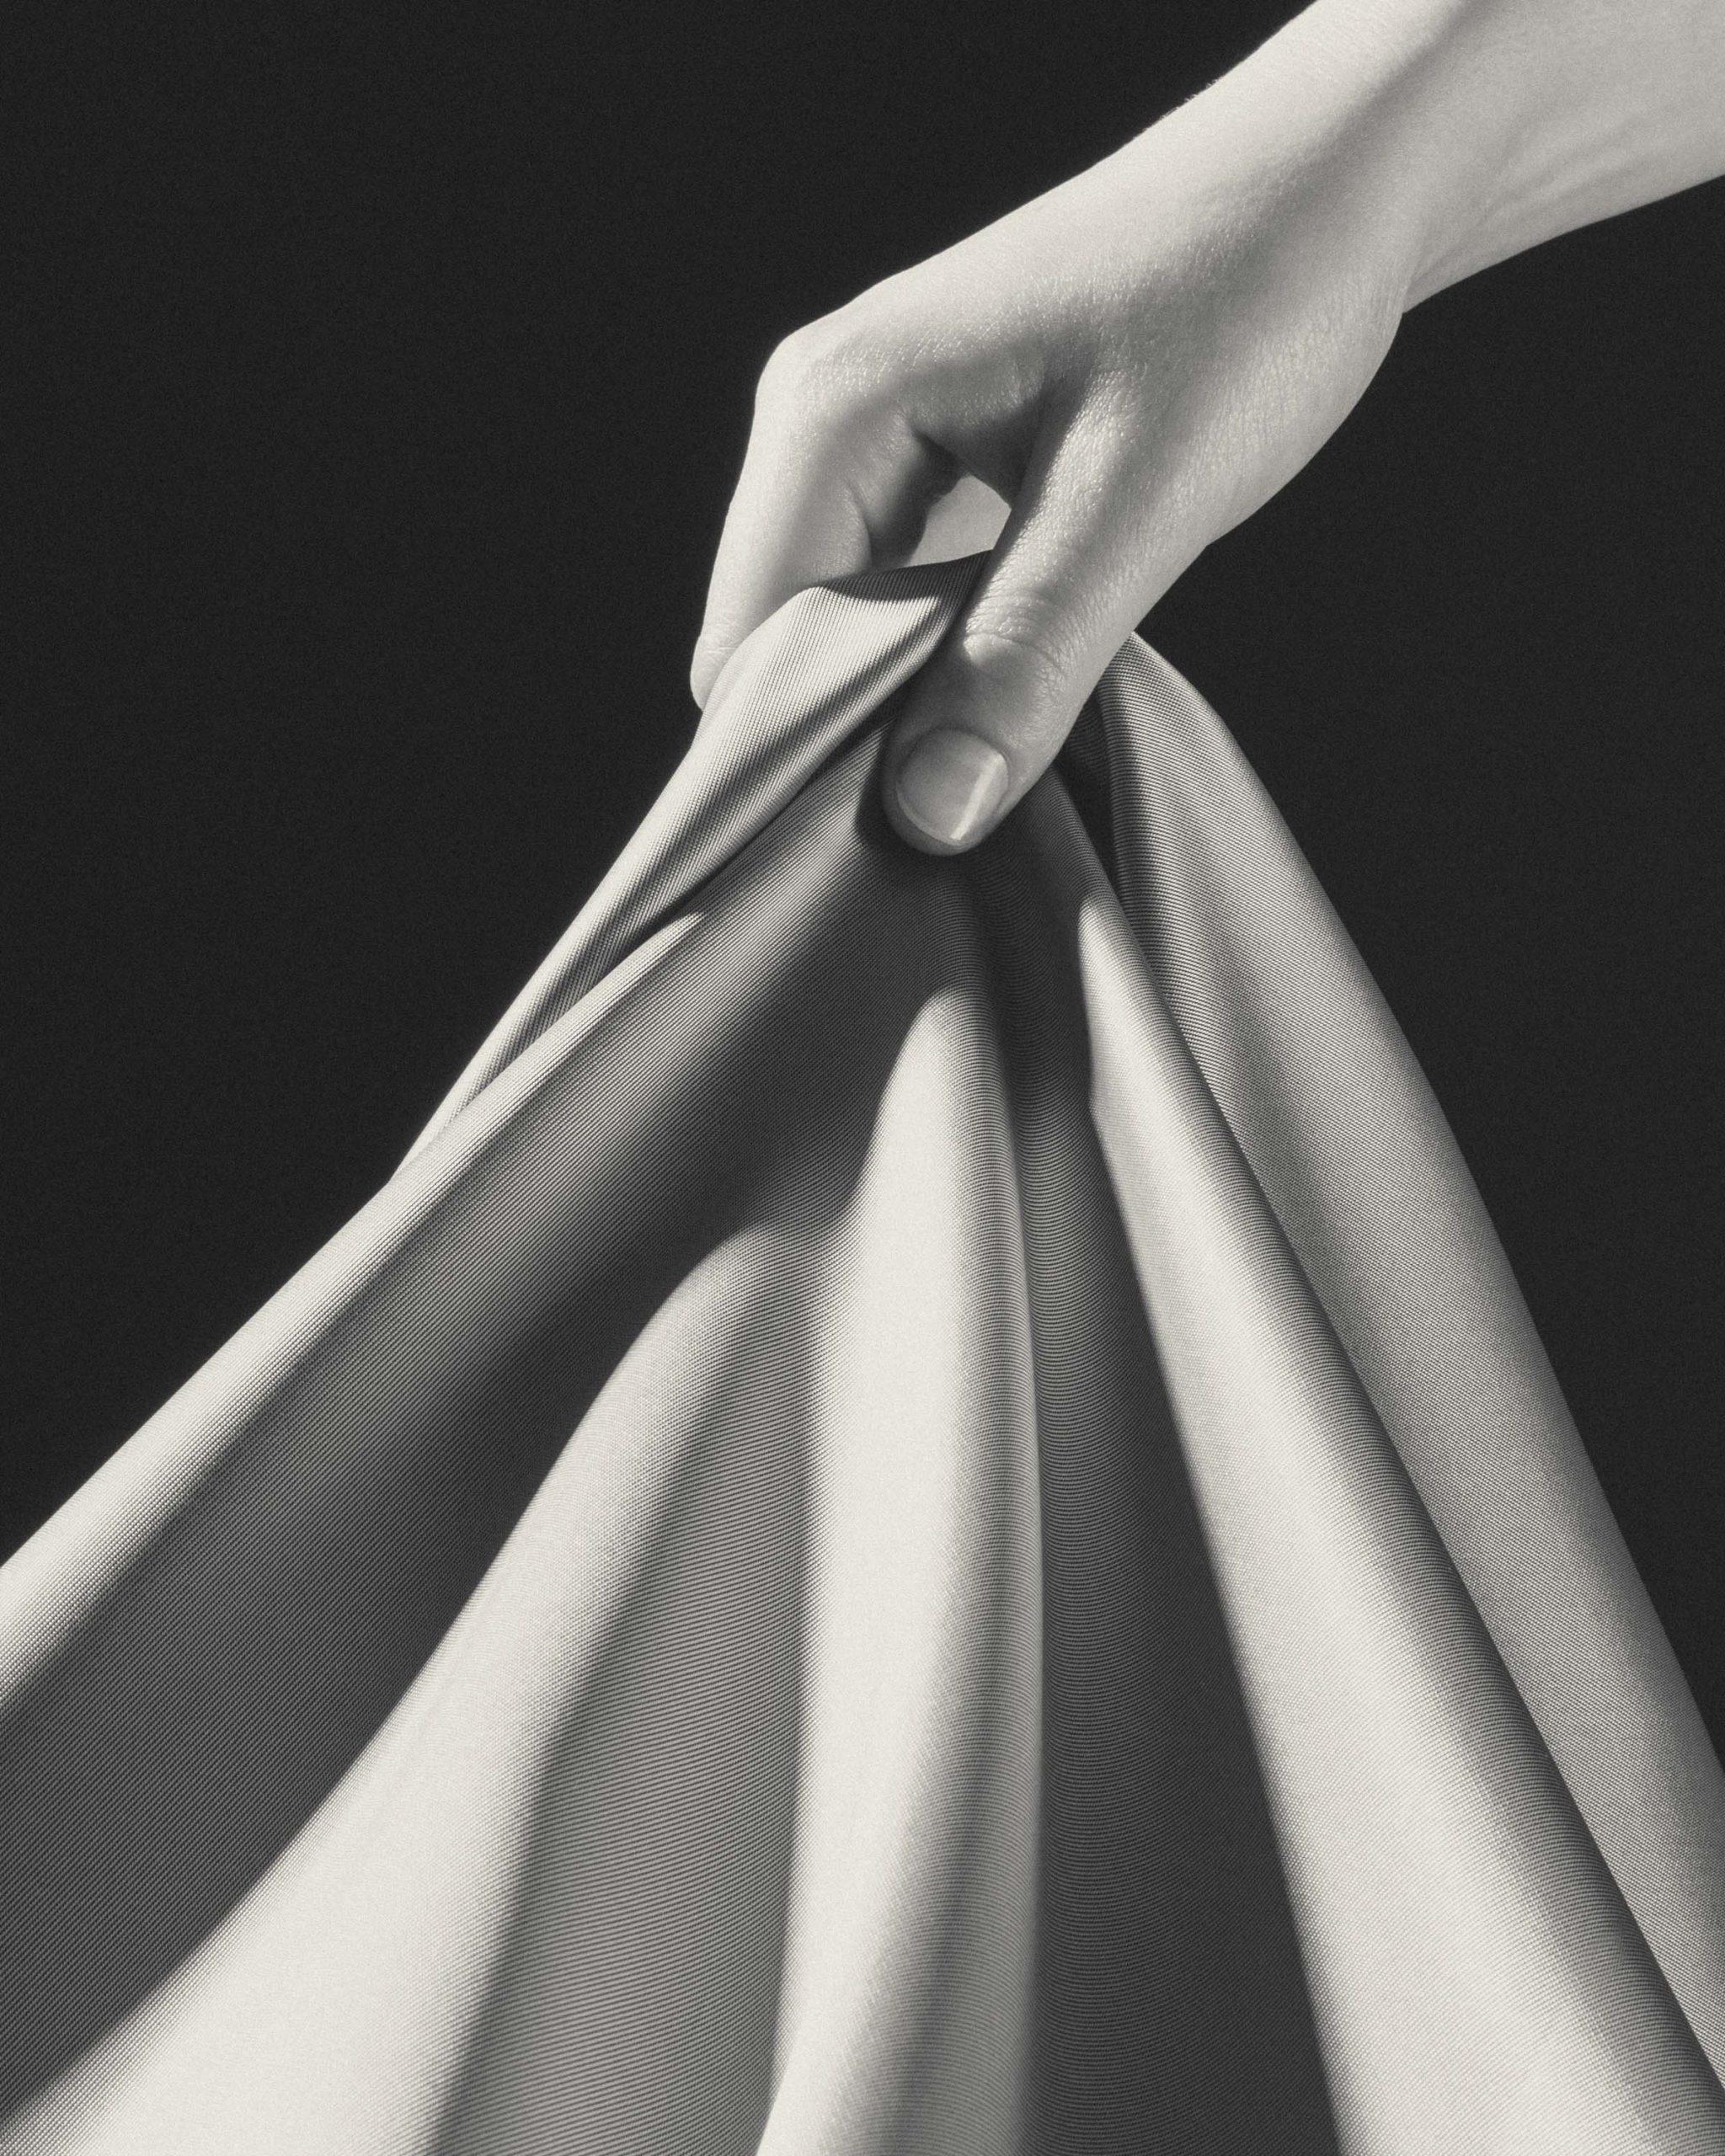 Wren-Agency-Luke-Evans-RACHEL-SINGER4